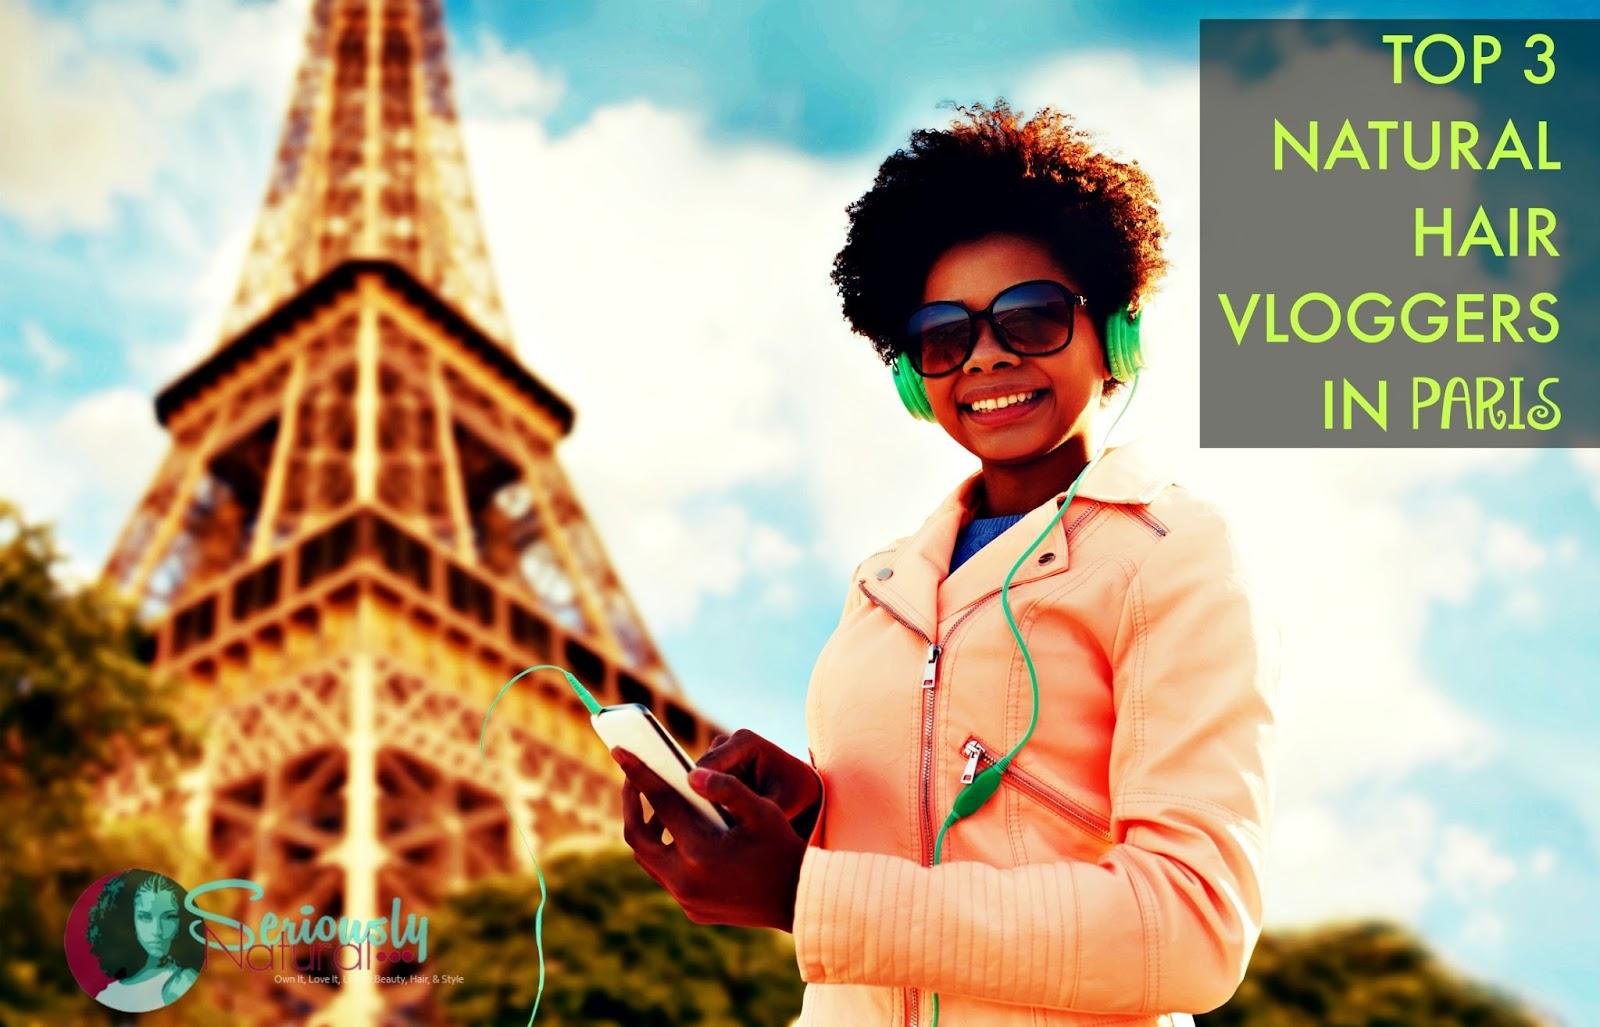 TOP 3 NATURAL HAIR VLOGGERS IN PARIS